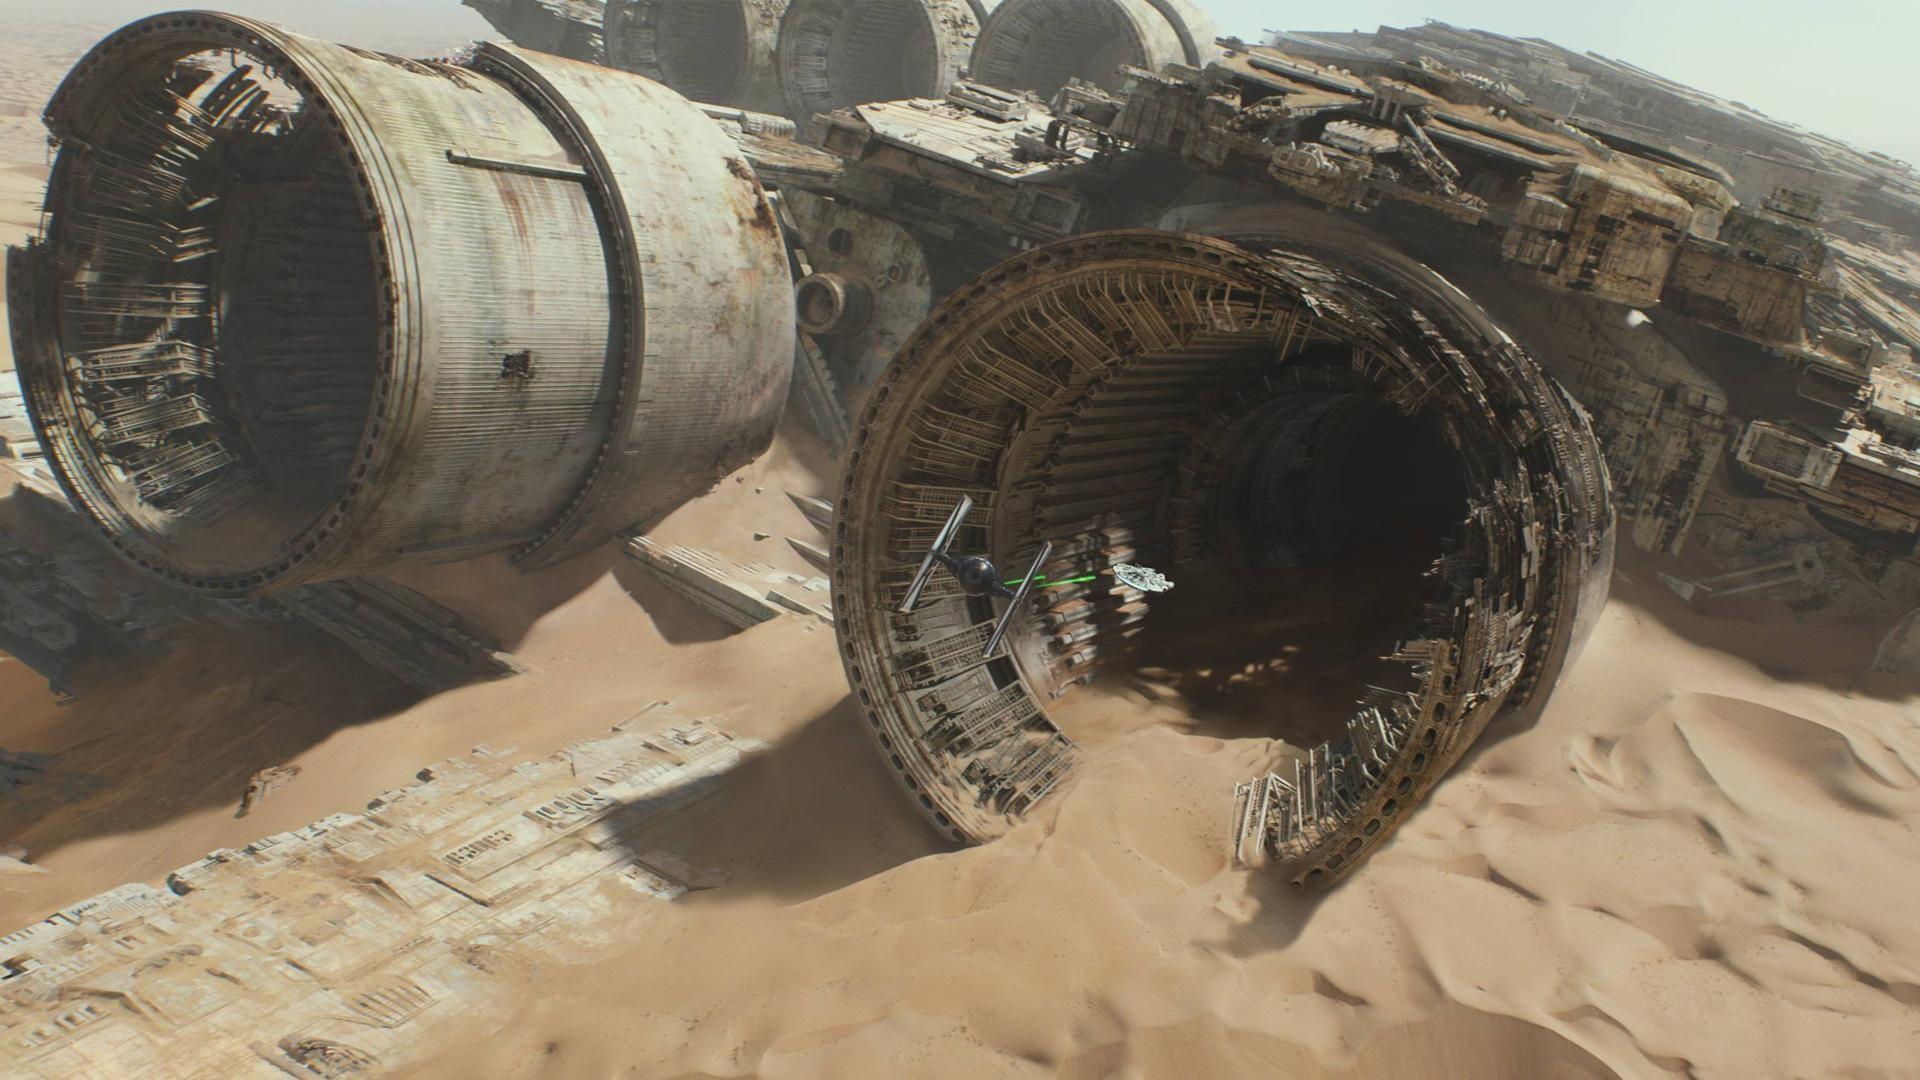 Star Wars Force Awakens Tattooine Wallpaper